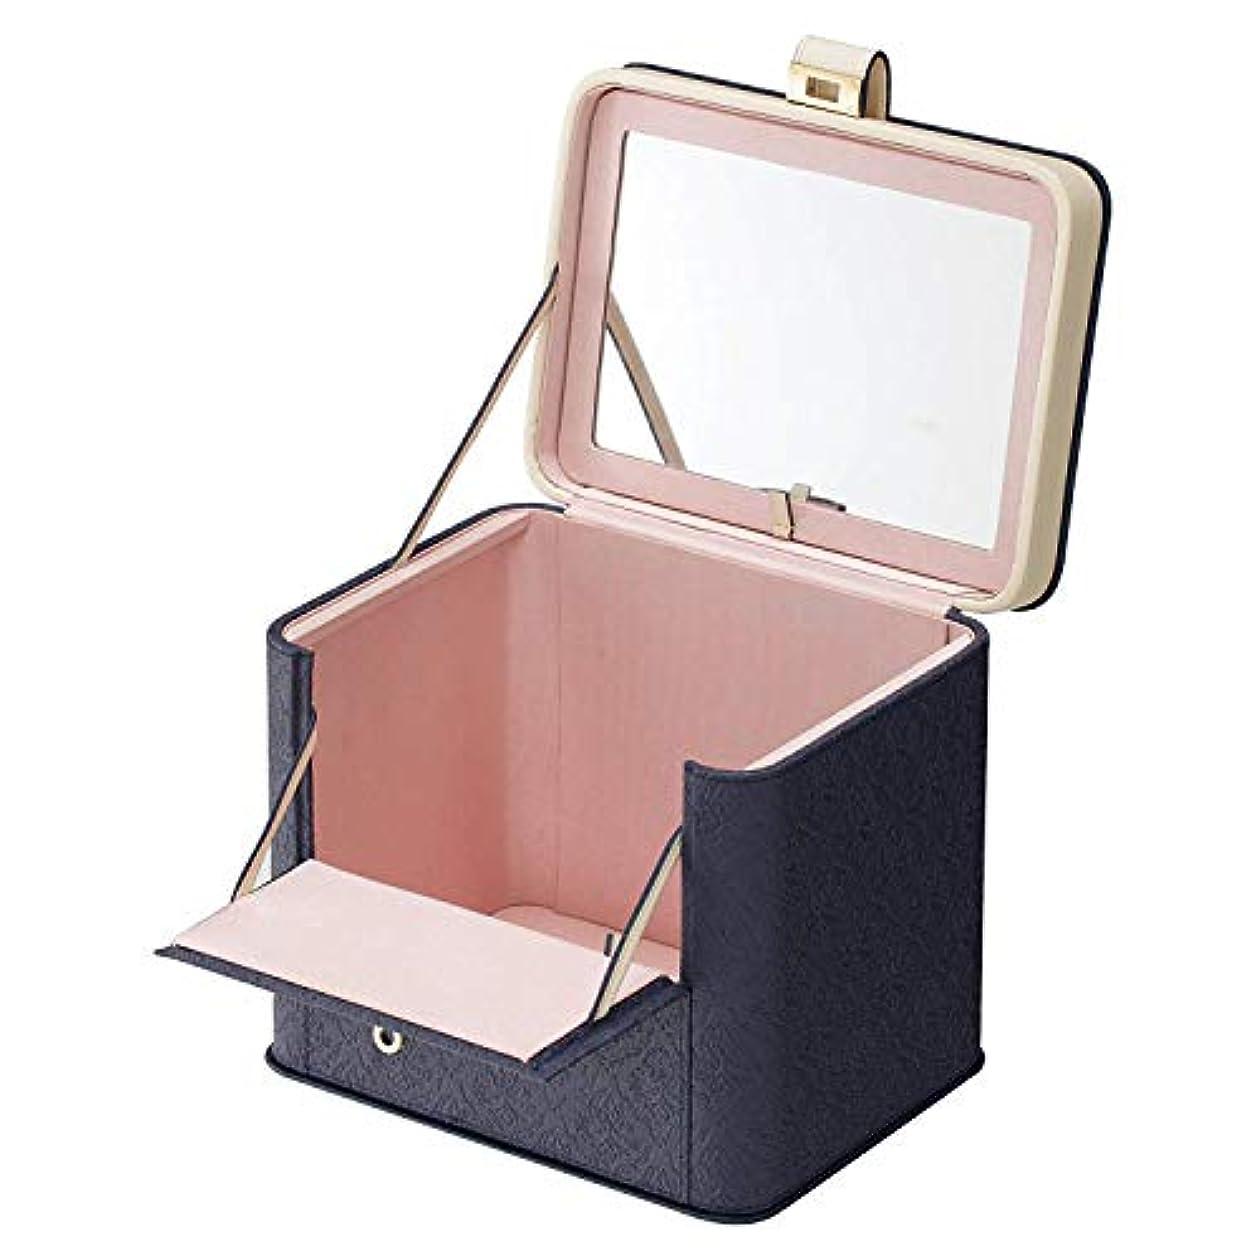 便宜しみ城カスタマイズでき メイクボックス アラベスク レギュ 化粧箱 ラー ロイヤルネイビー